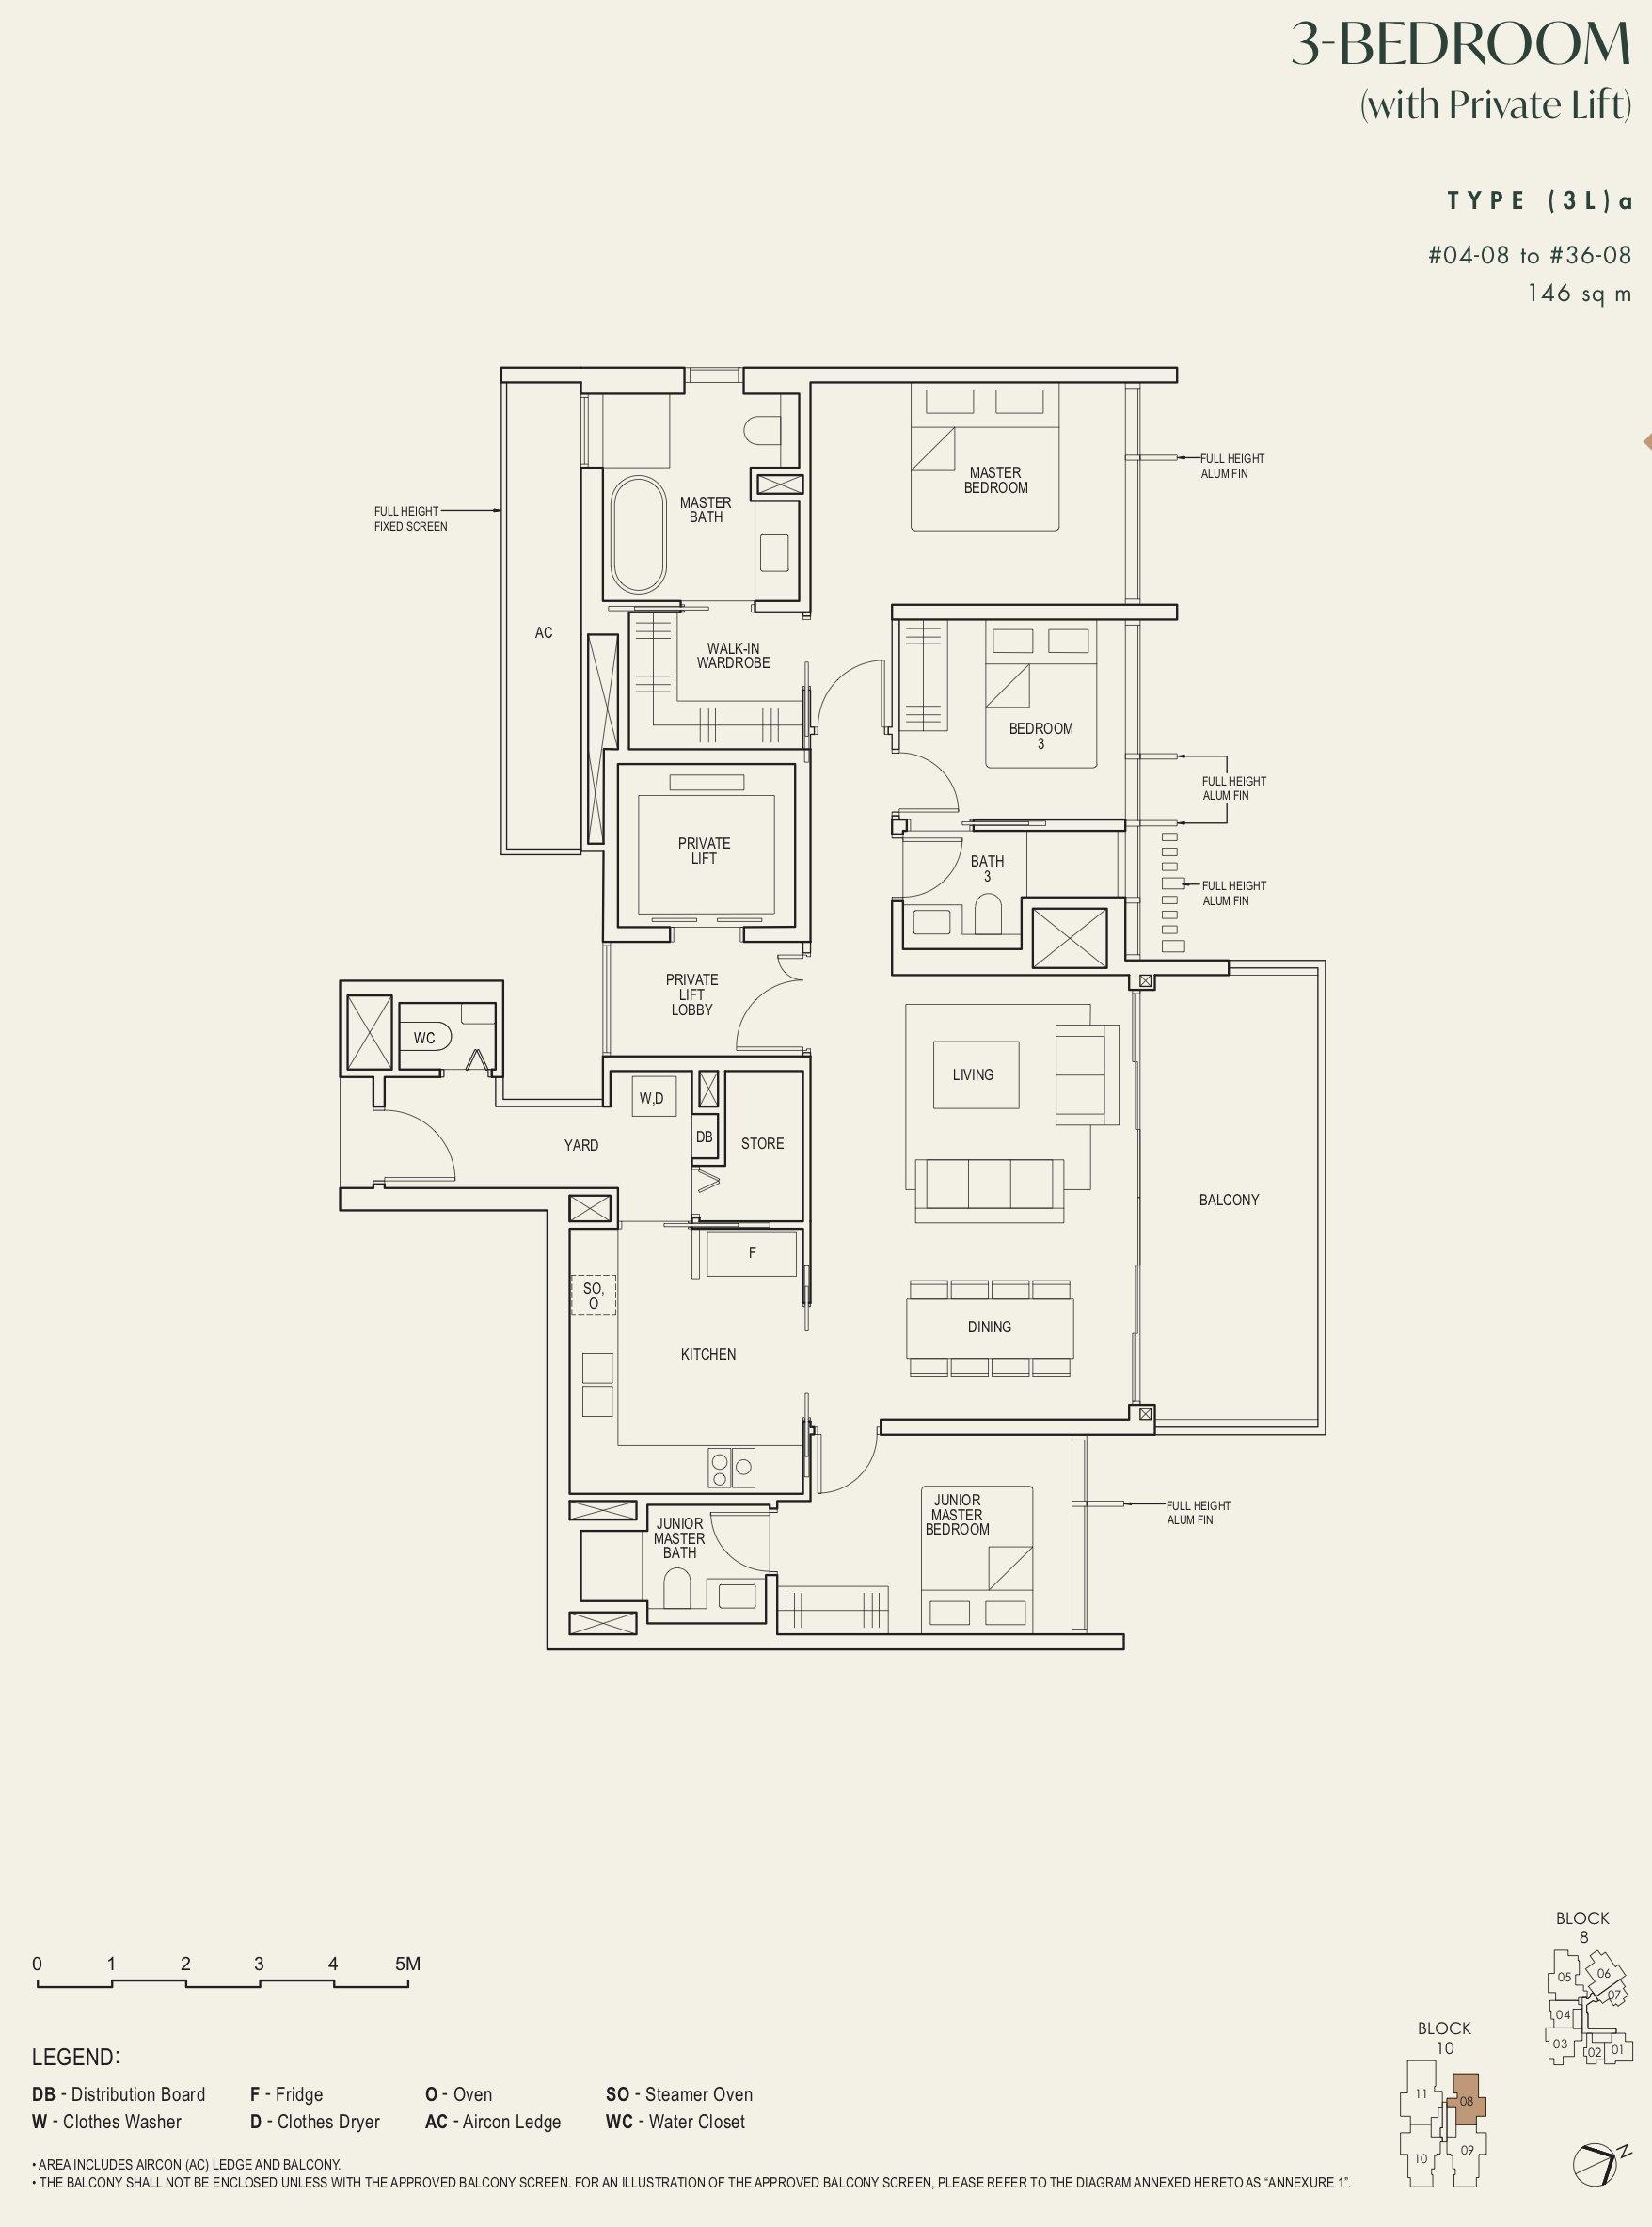 The Avenir 3 bedroom 3La floor plan